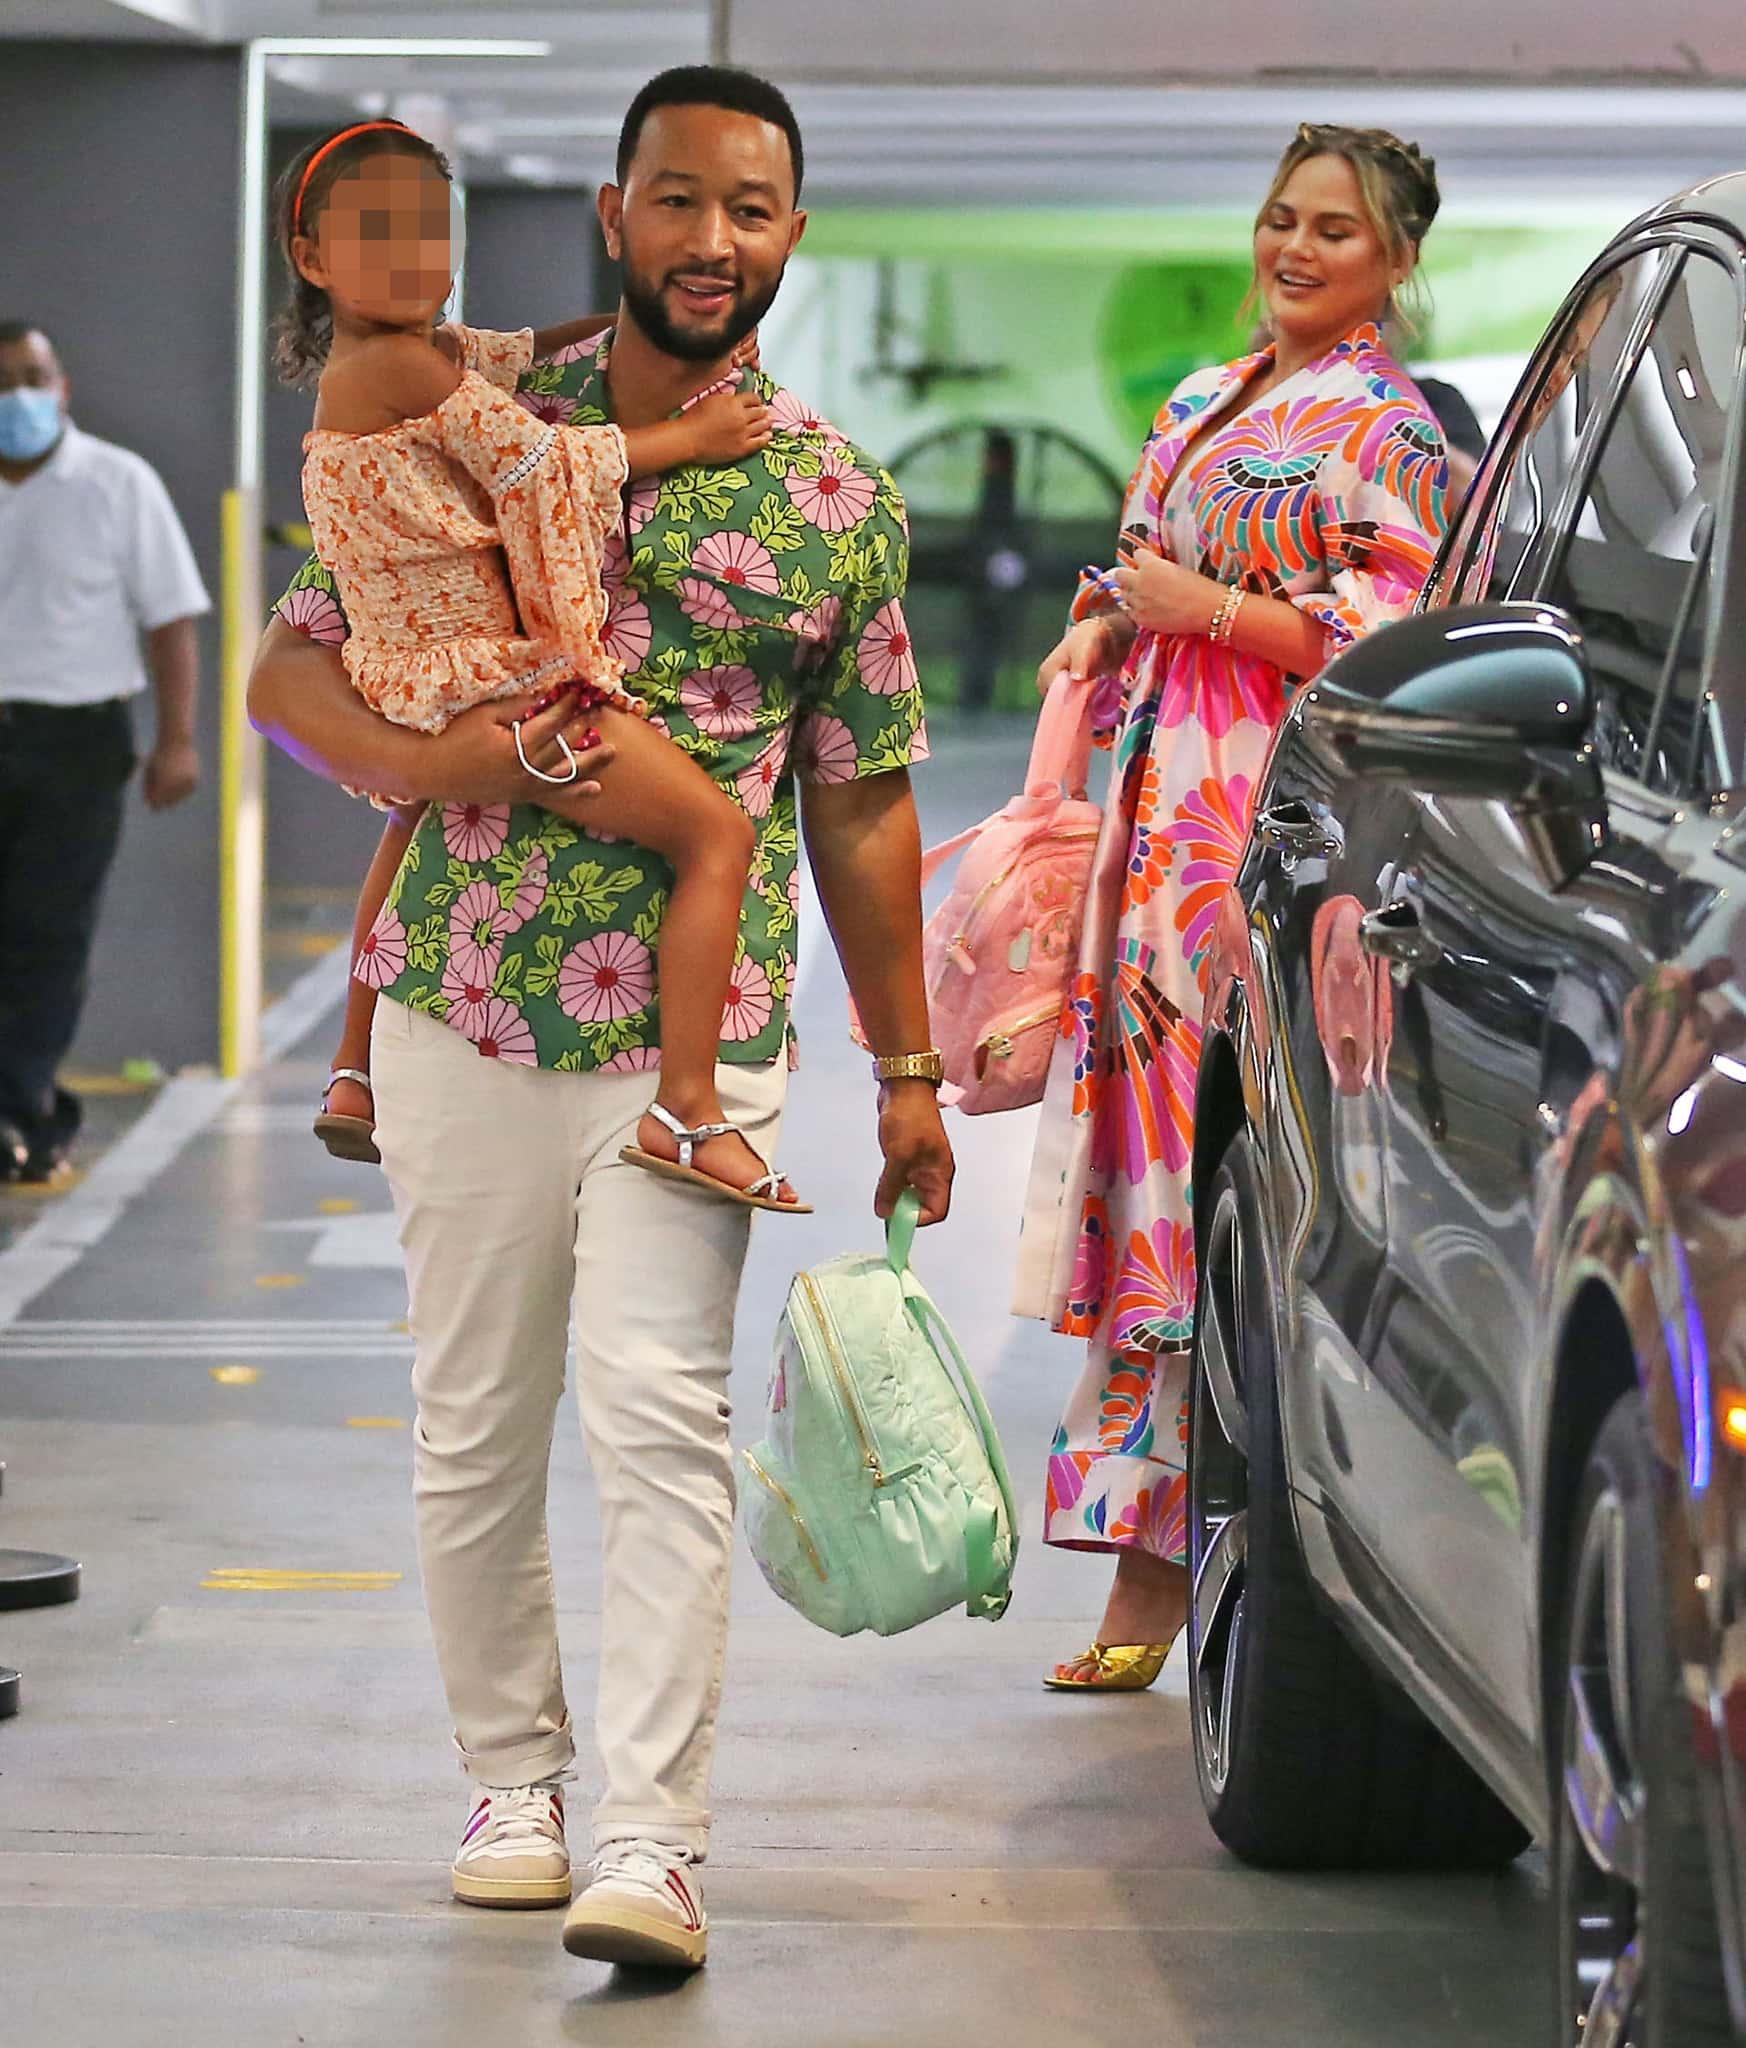 John Legend wears a green Hawaiian shirt as he carries daughter Luna